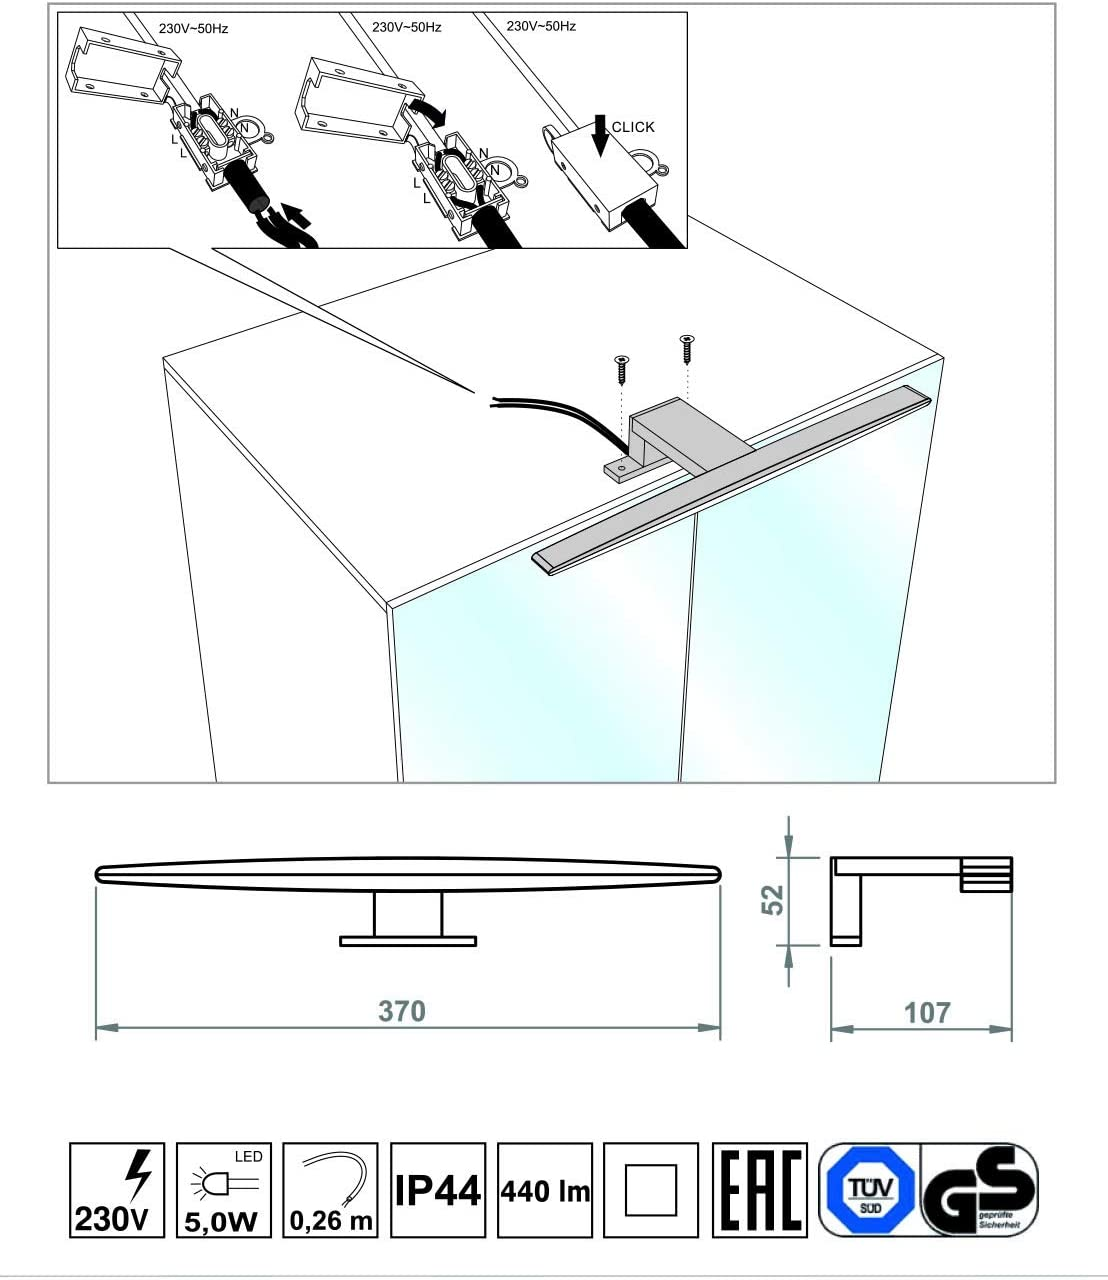 in alluminio e cromo Elli luce bianca fredda 6200 K per mobili Lampada LED per specchio Licht-erlebnisse 4200 K IP44 specchi e bagno moderno Chrom Poliert Kaltwei/ß 6200k da montare